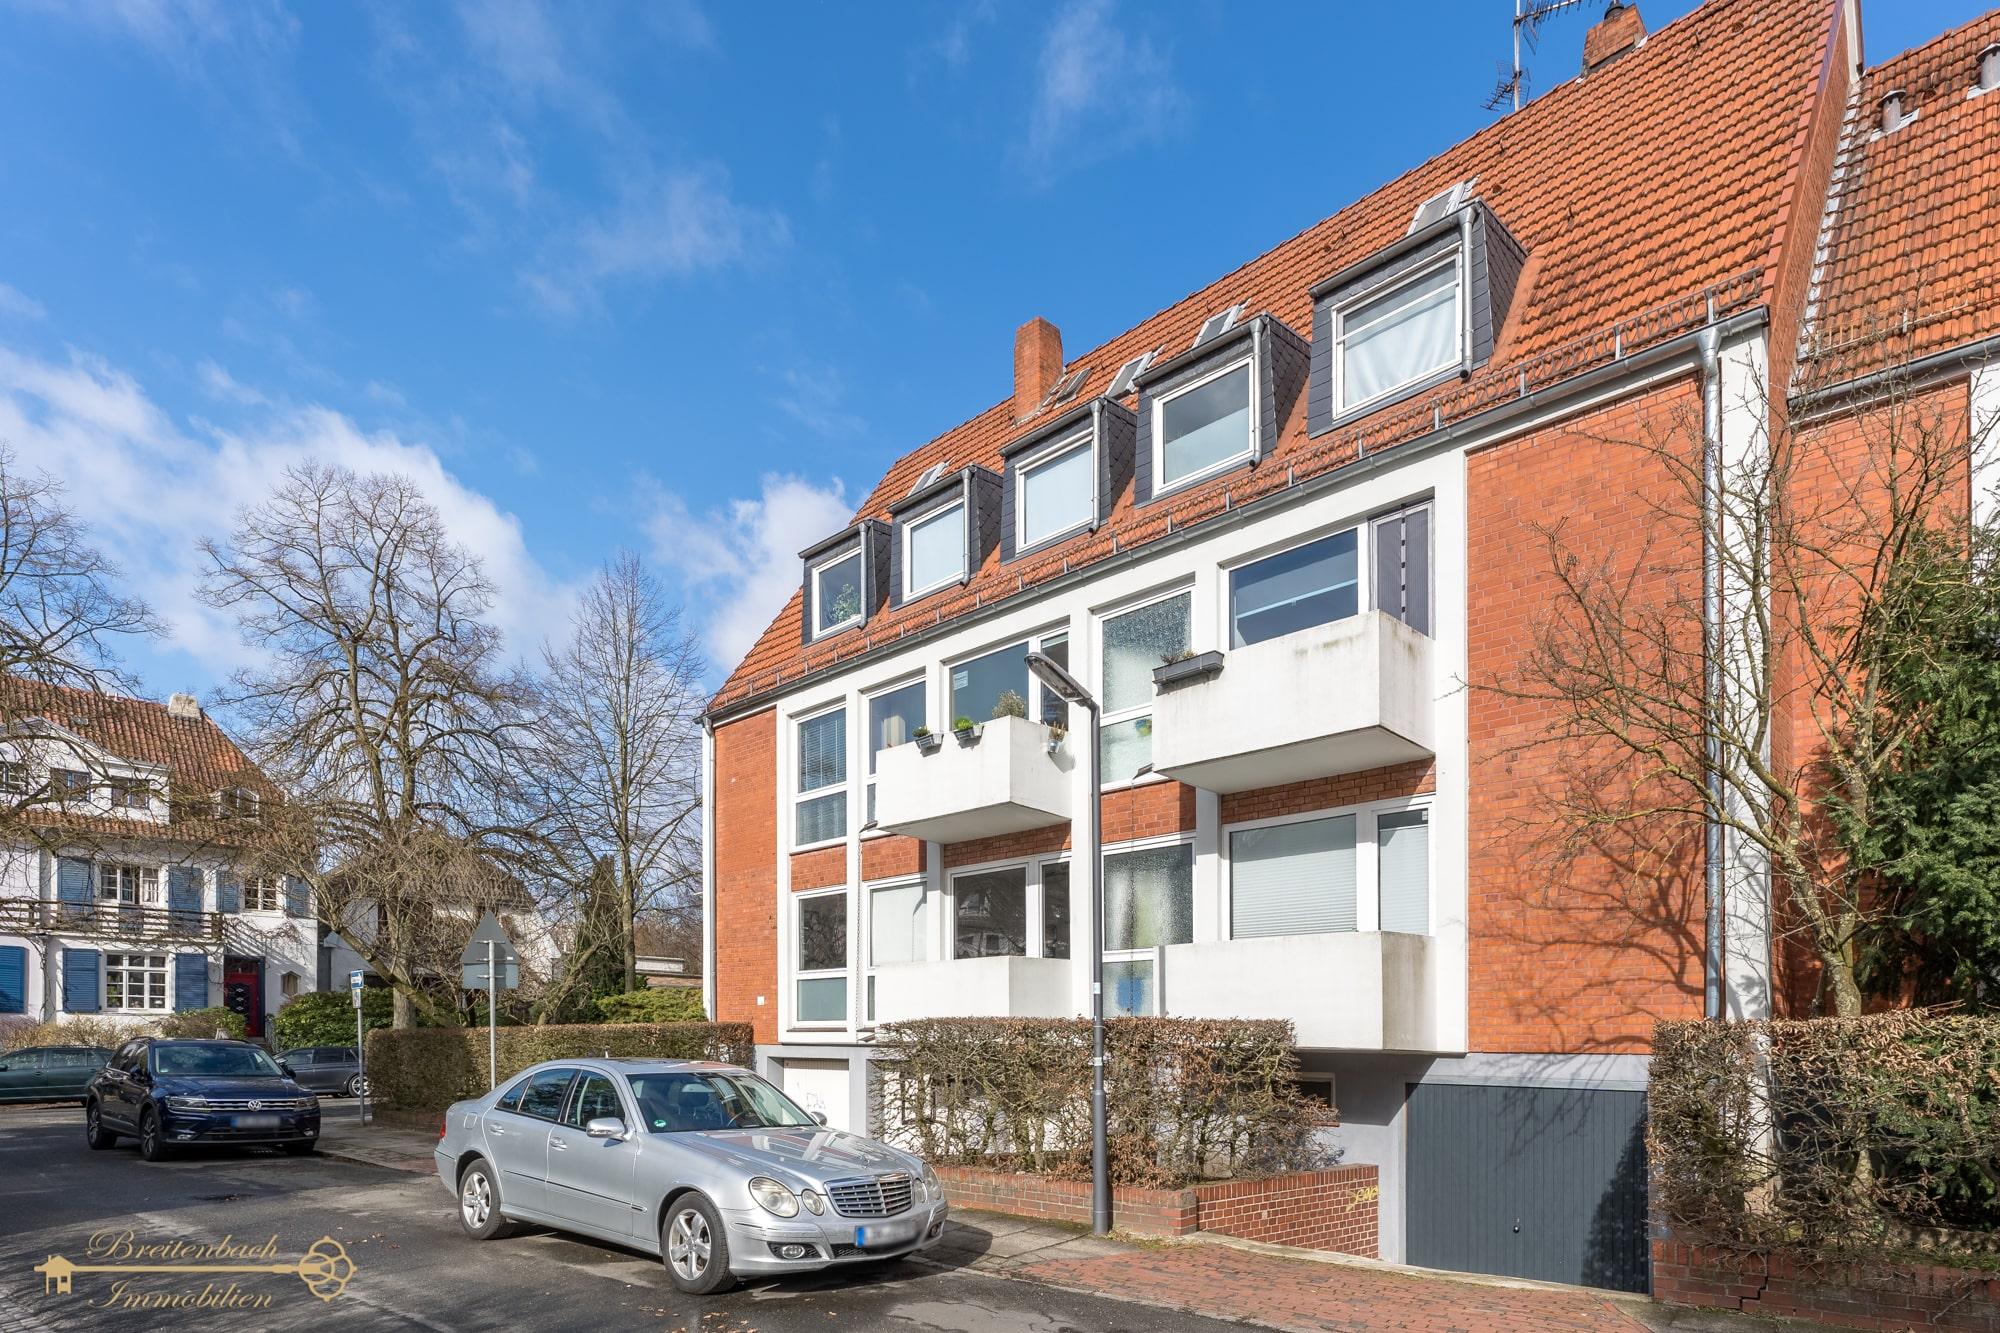 2021-03-27-Breitenbach-Immobilien-Makler-Bremen-1-min